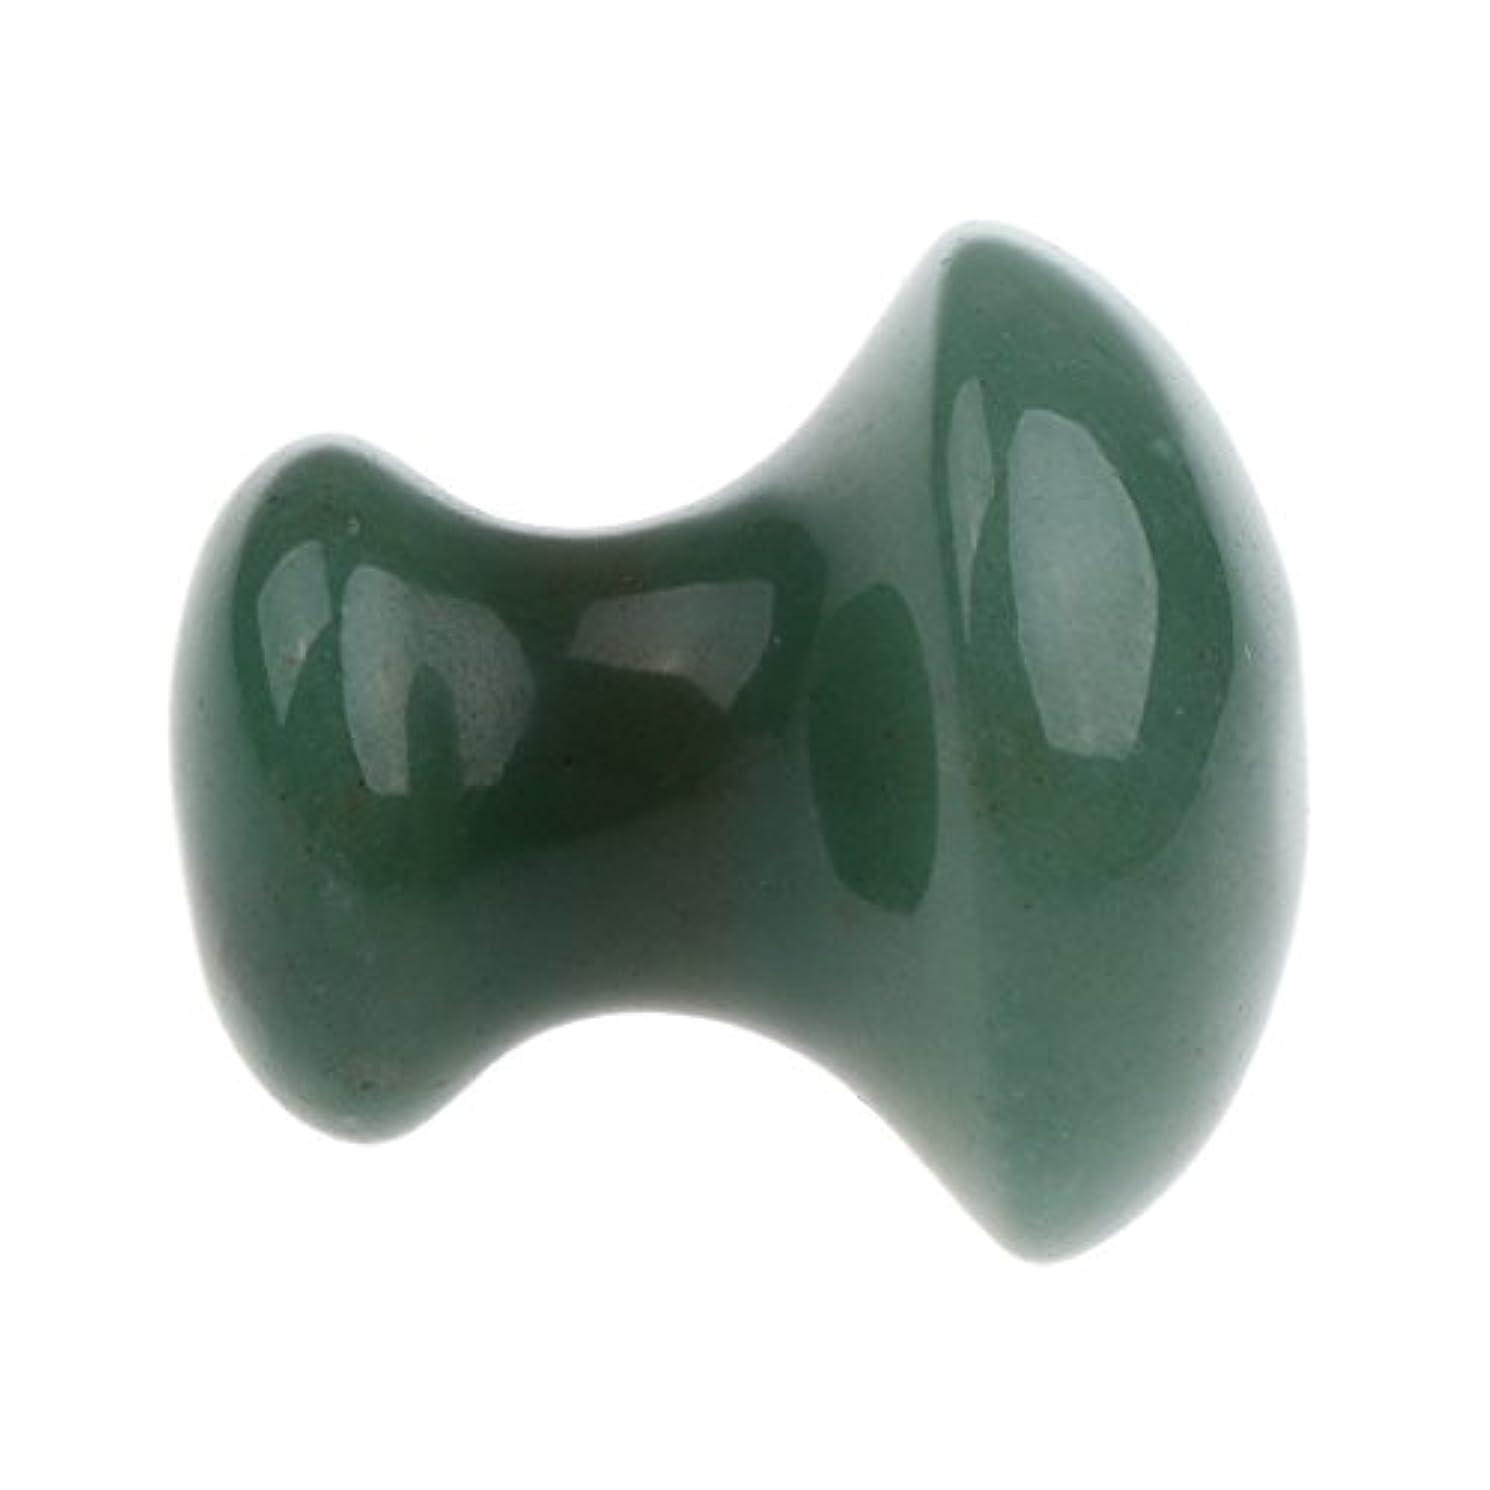 懐疑論ナットどういたしましてヘッドマッサージストーン ヘッド マッサージ ストーン 美容 マッサージ マッシュルーム ヘッドマッサージ 石 2色選べる - 緑